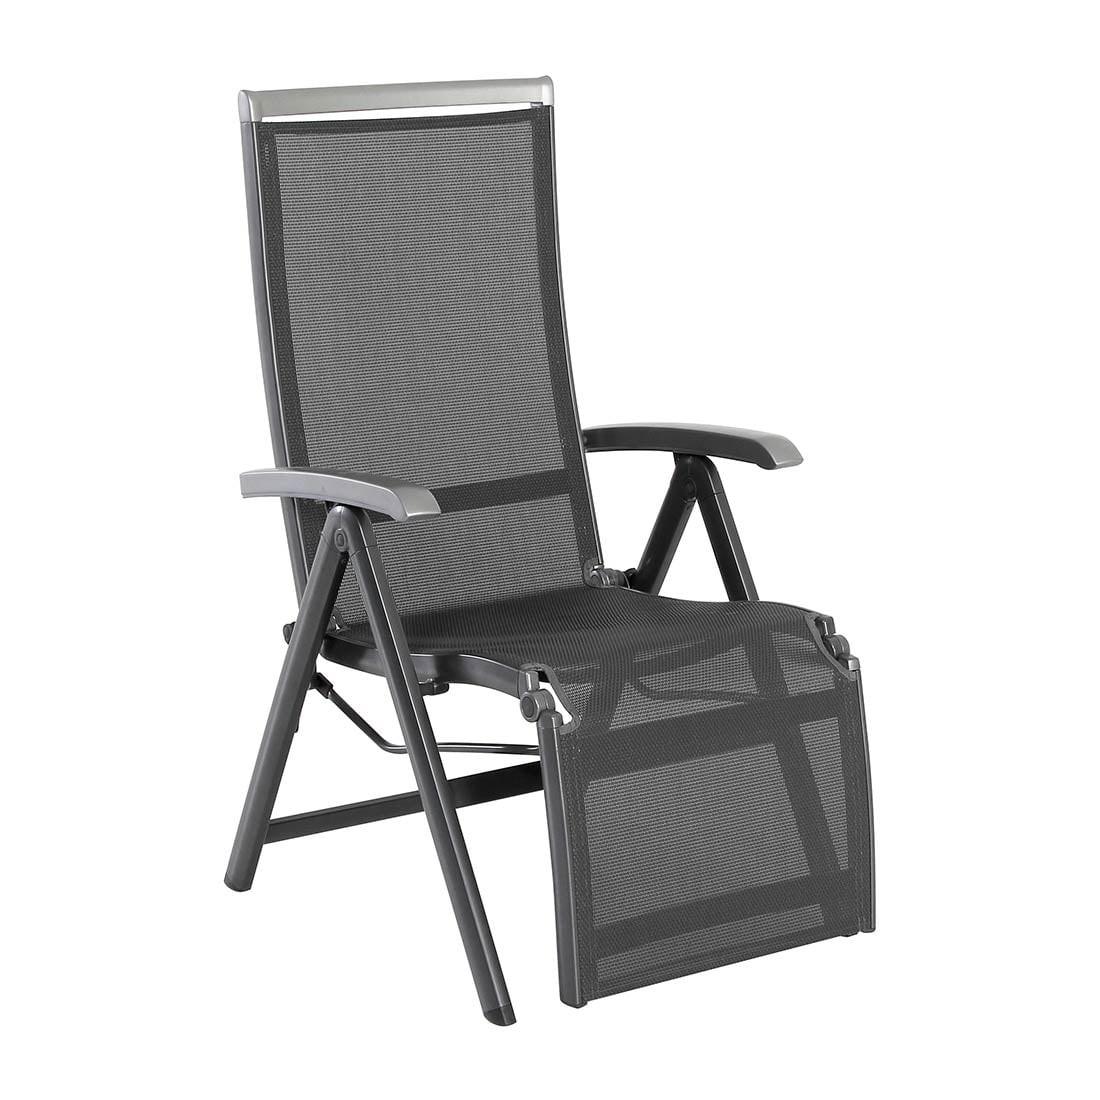 Full Size of Relaxliege Verstellbar Mwh Forios Aluminium Textilene Garten Und Freizeit Wohnzimmer Sofa Mit Verstellbarer Sitztiefe Wohnzimmer Relaxliege Verstellbar